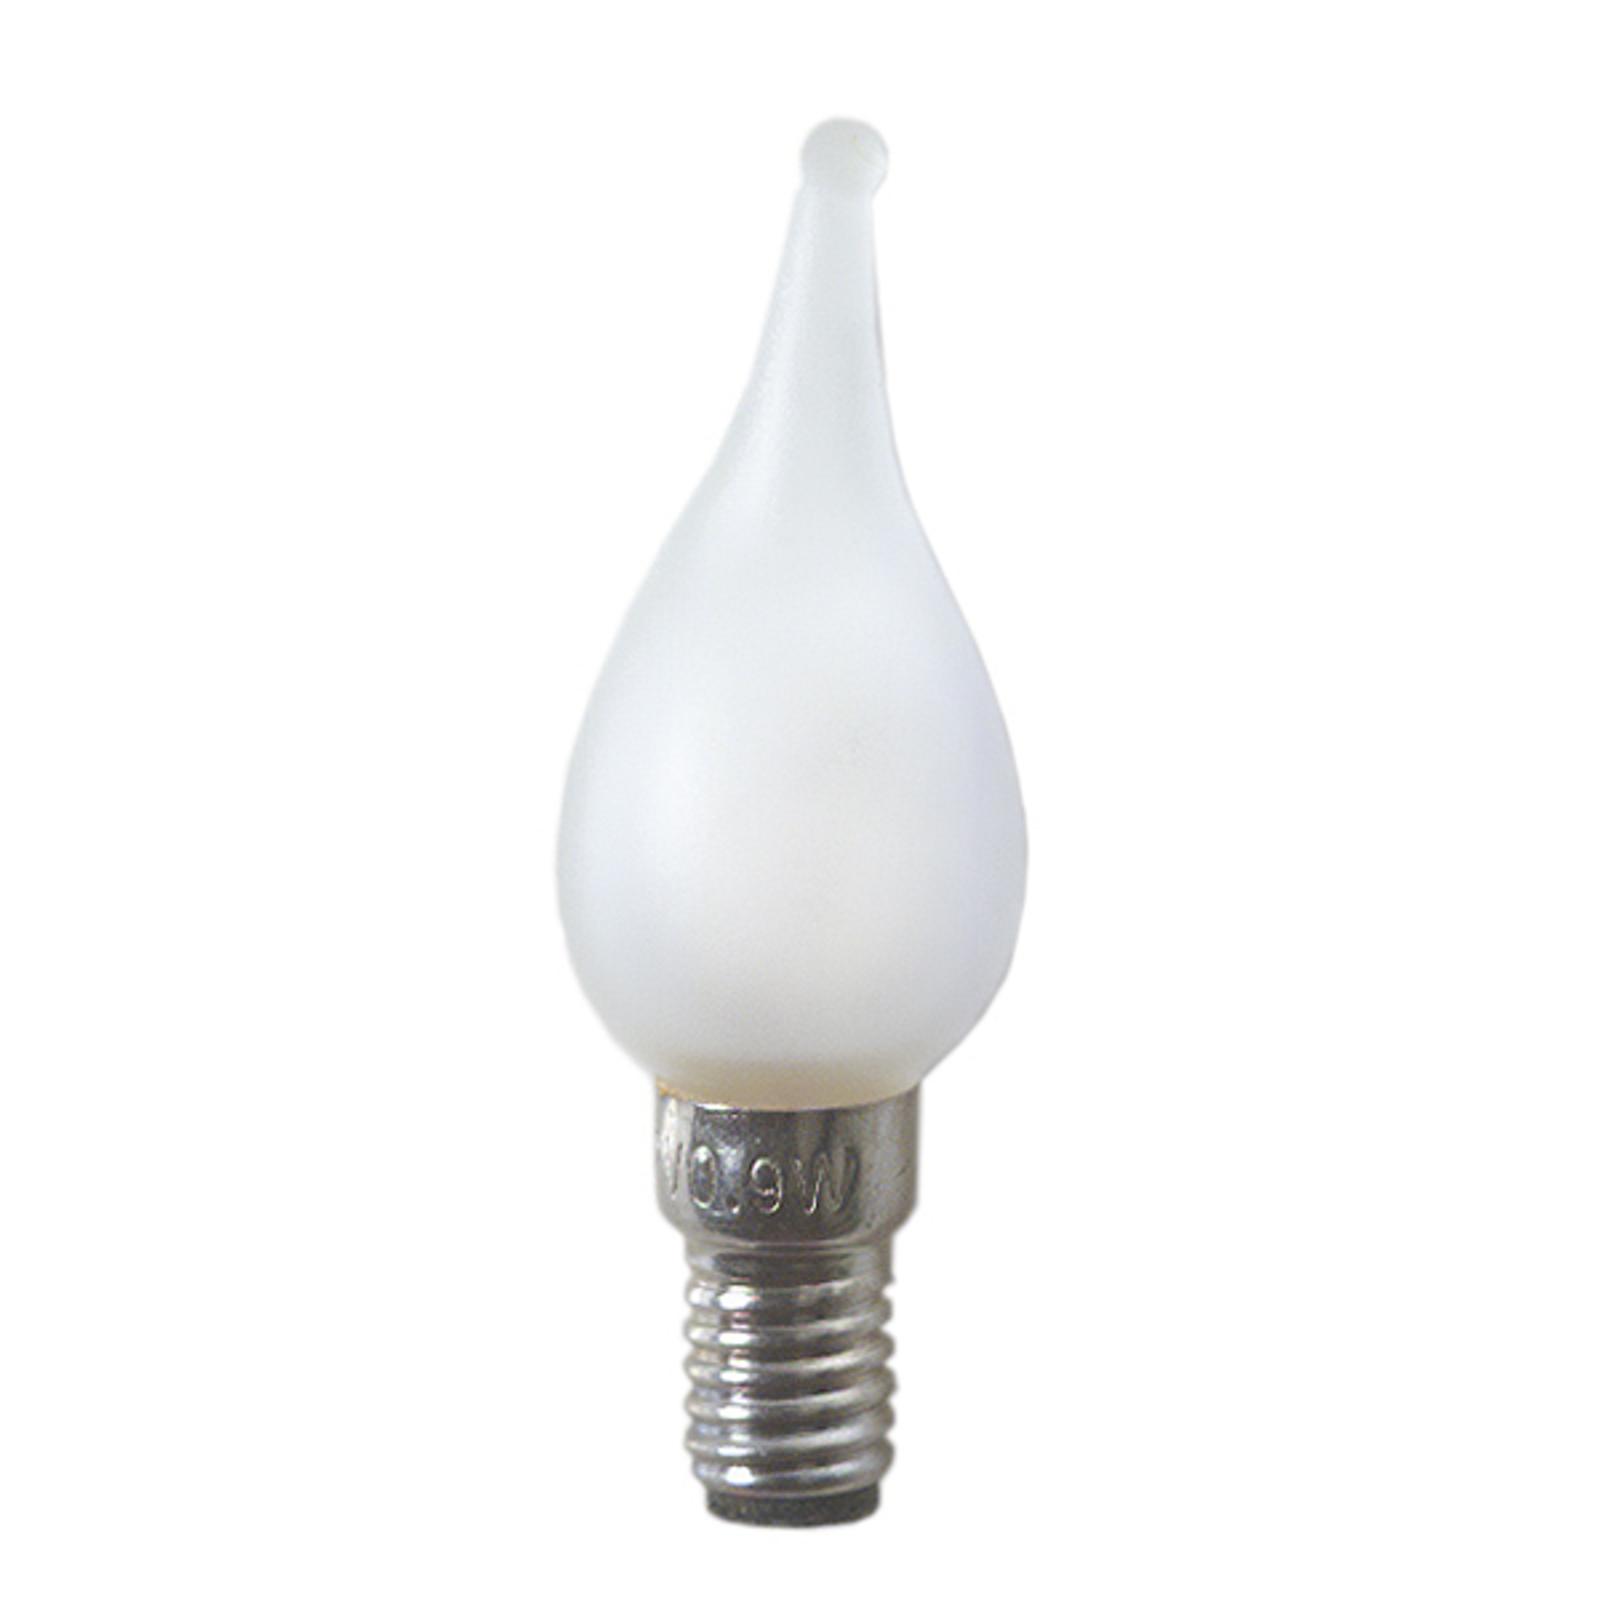 E6-12V-reservelampen van 0,9W, 3 st.